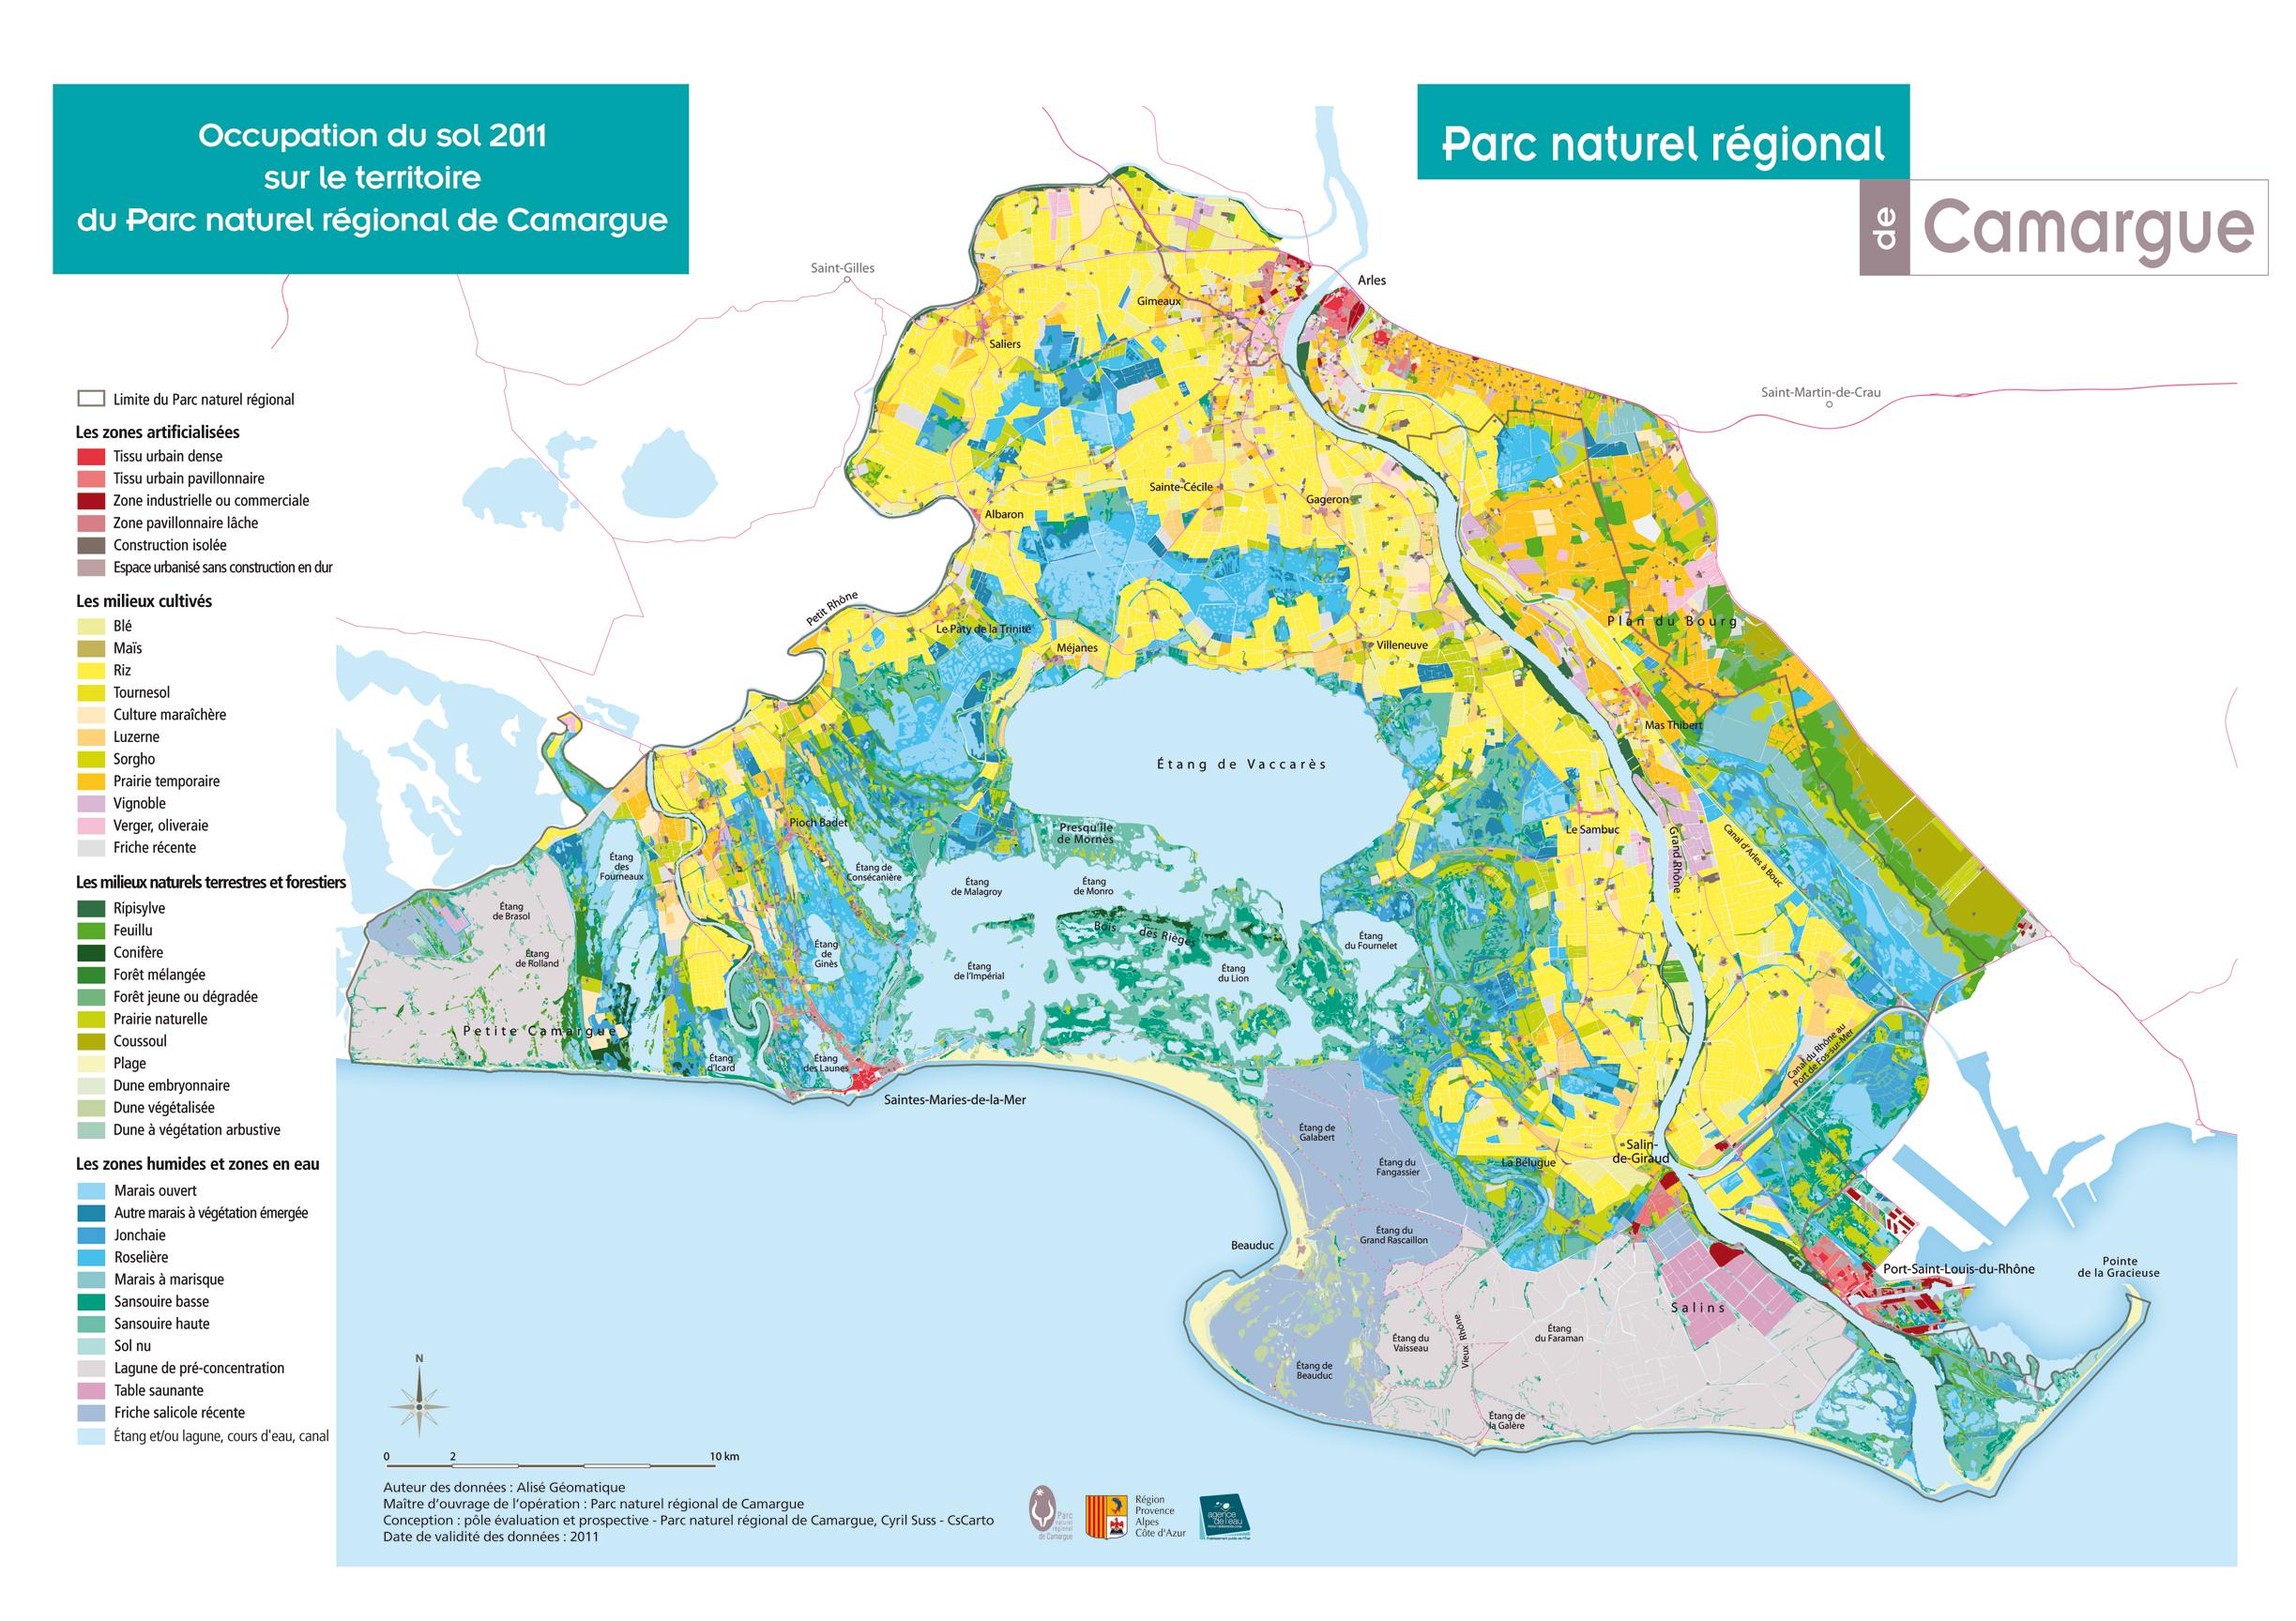 carte de la camargue Des cartes de la Camargue, delta du Rhône, et du parc naturel